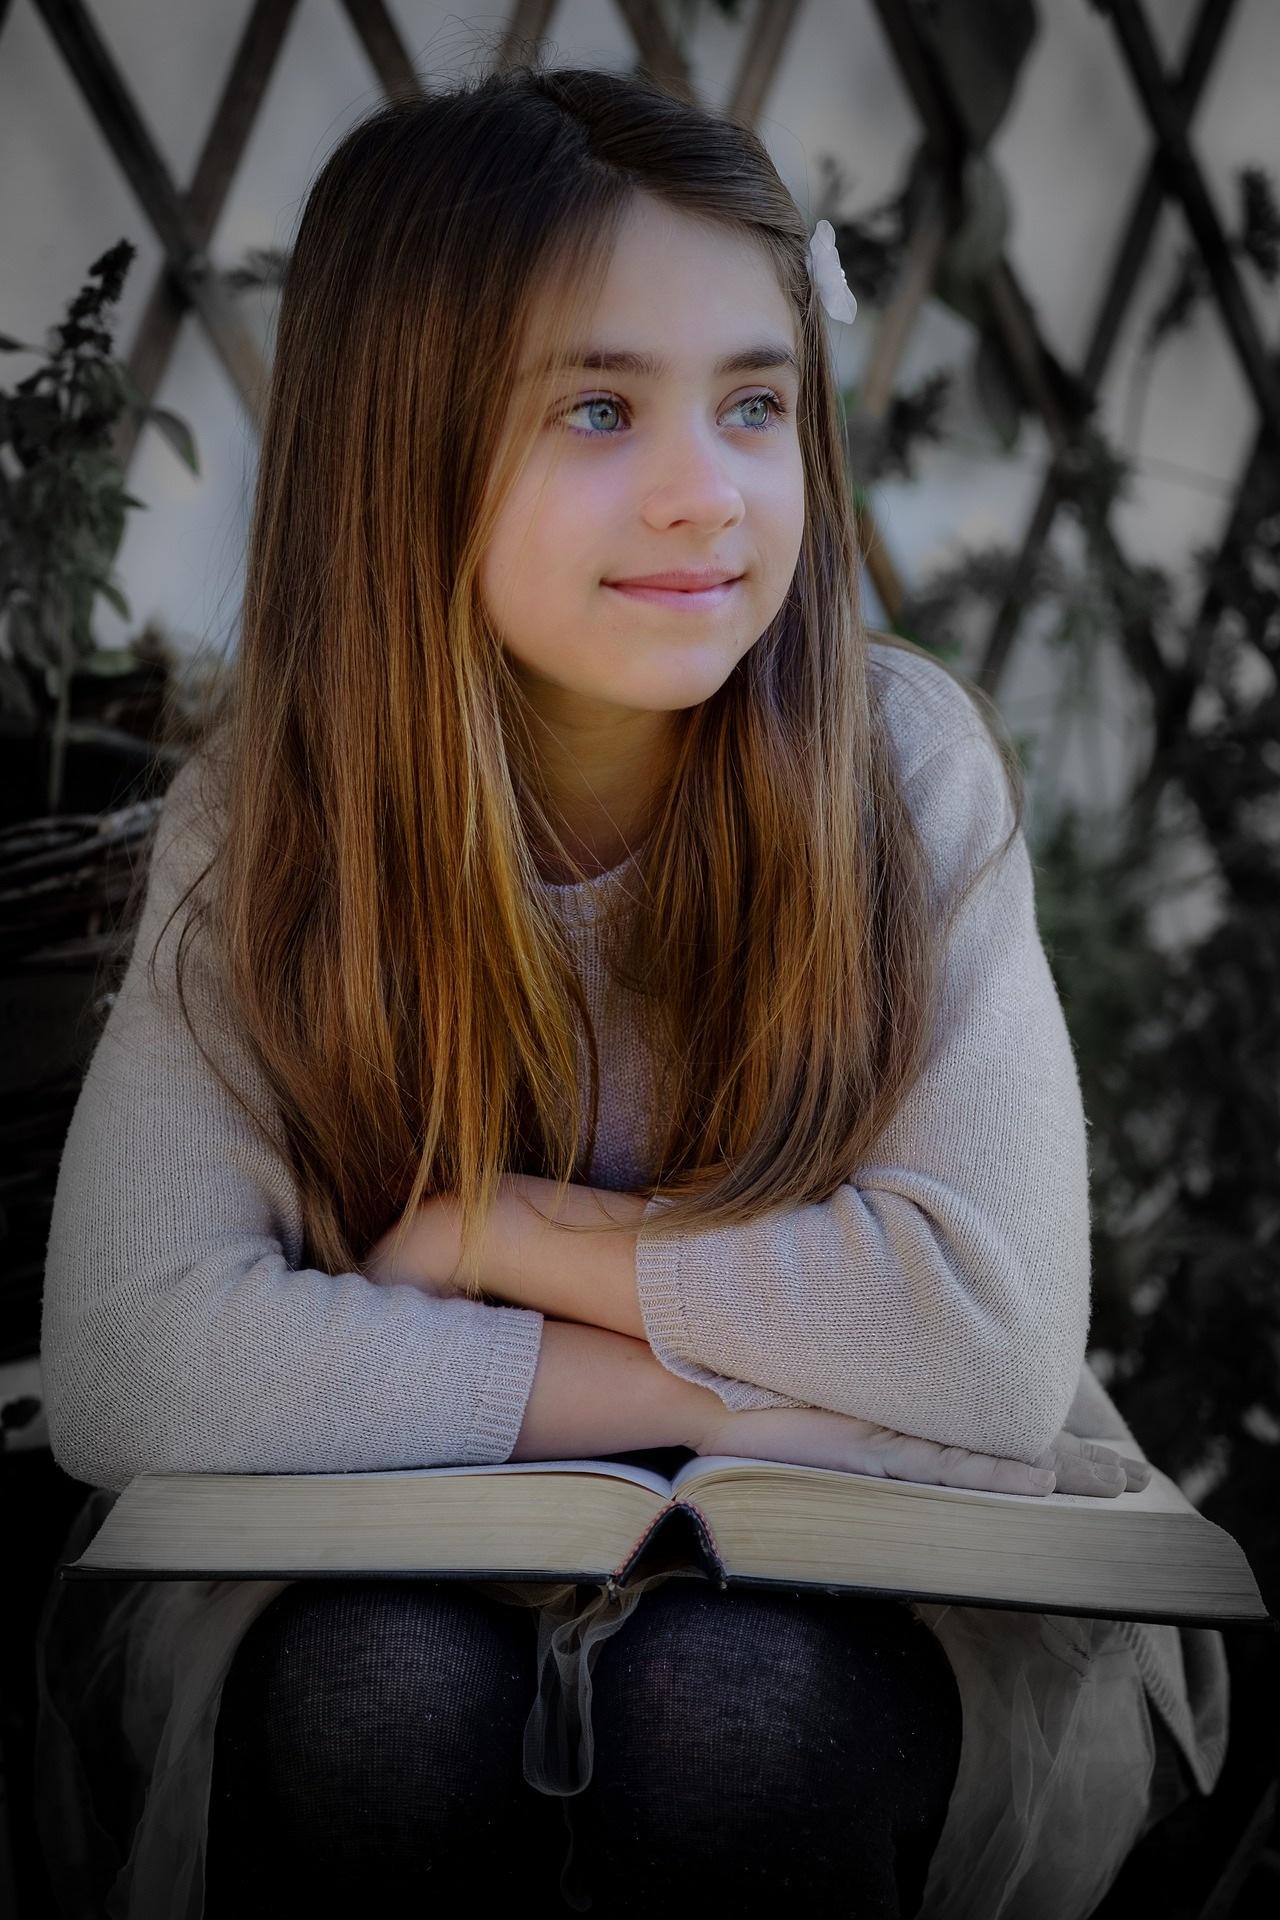 little-girl-3043324_1920_Atlantios